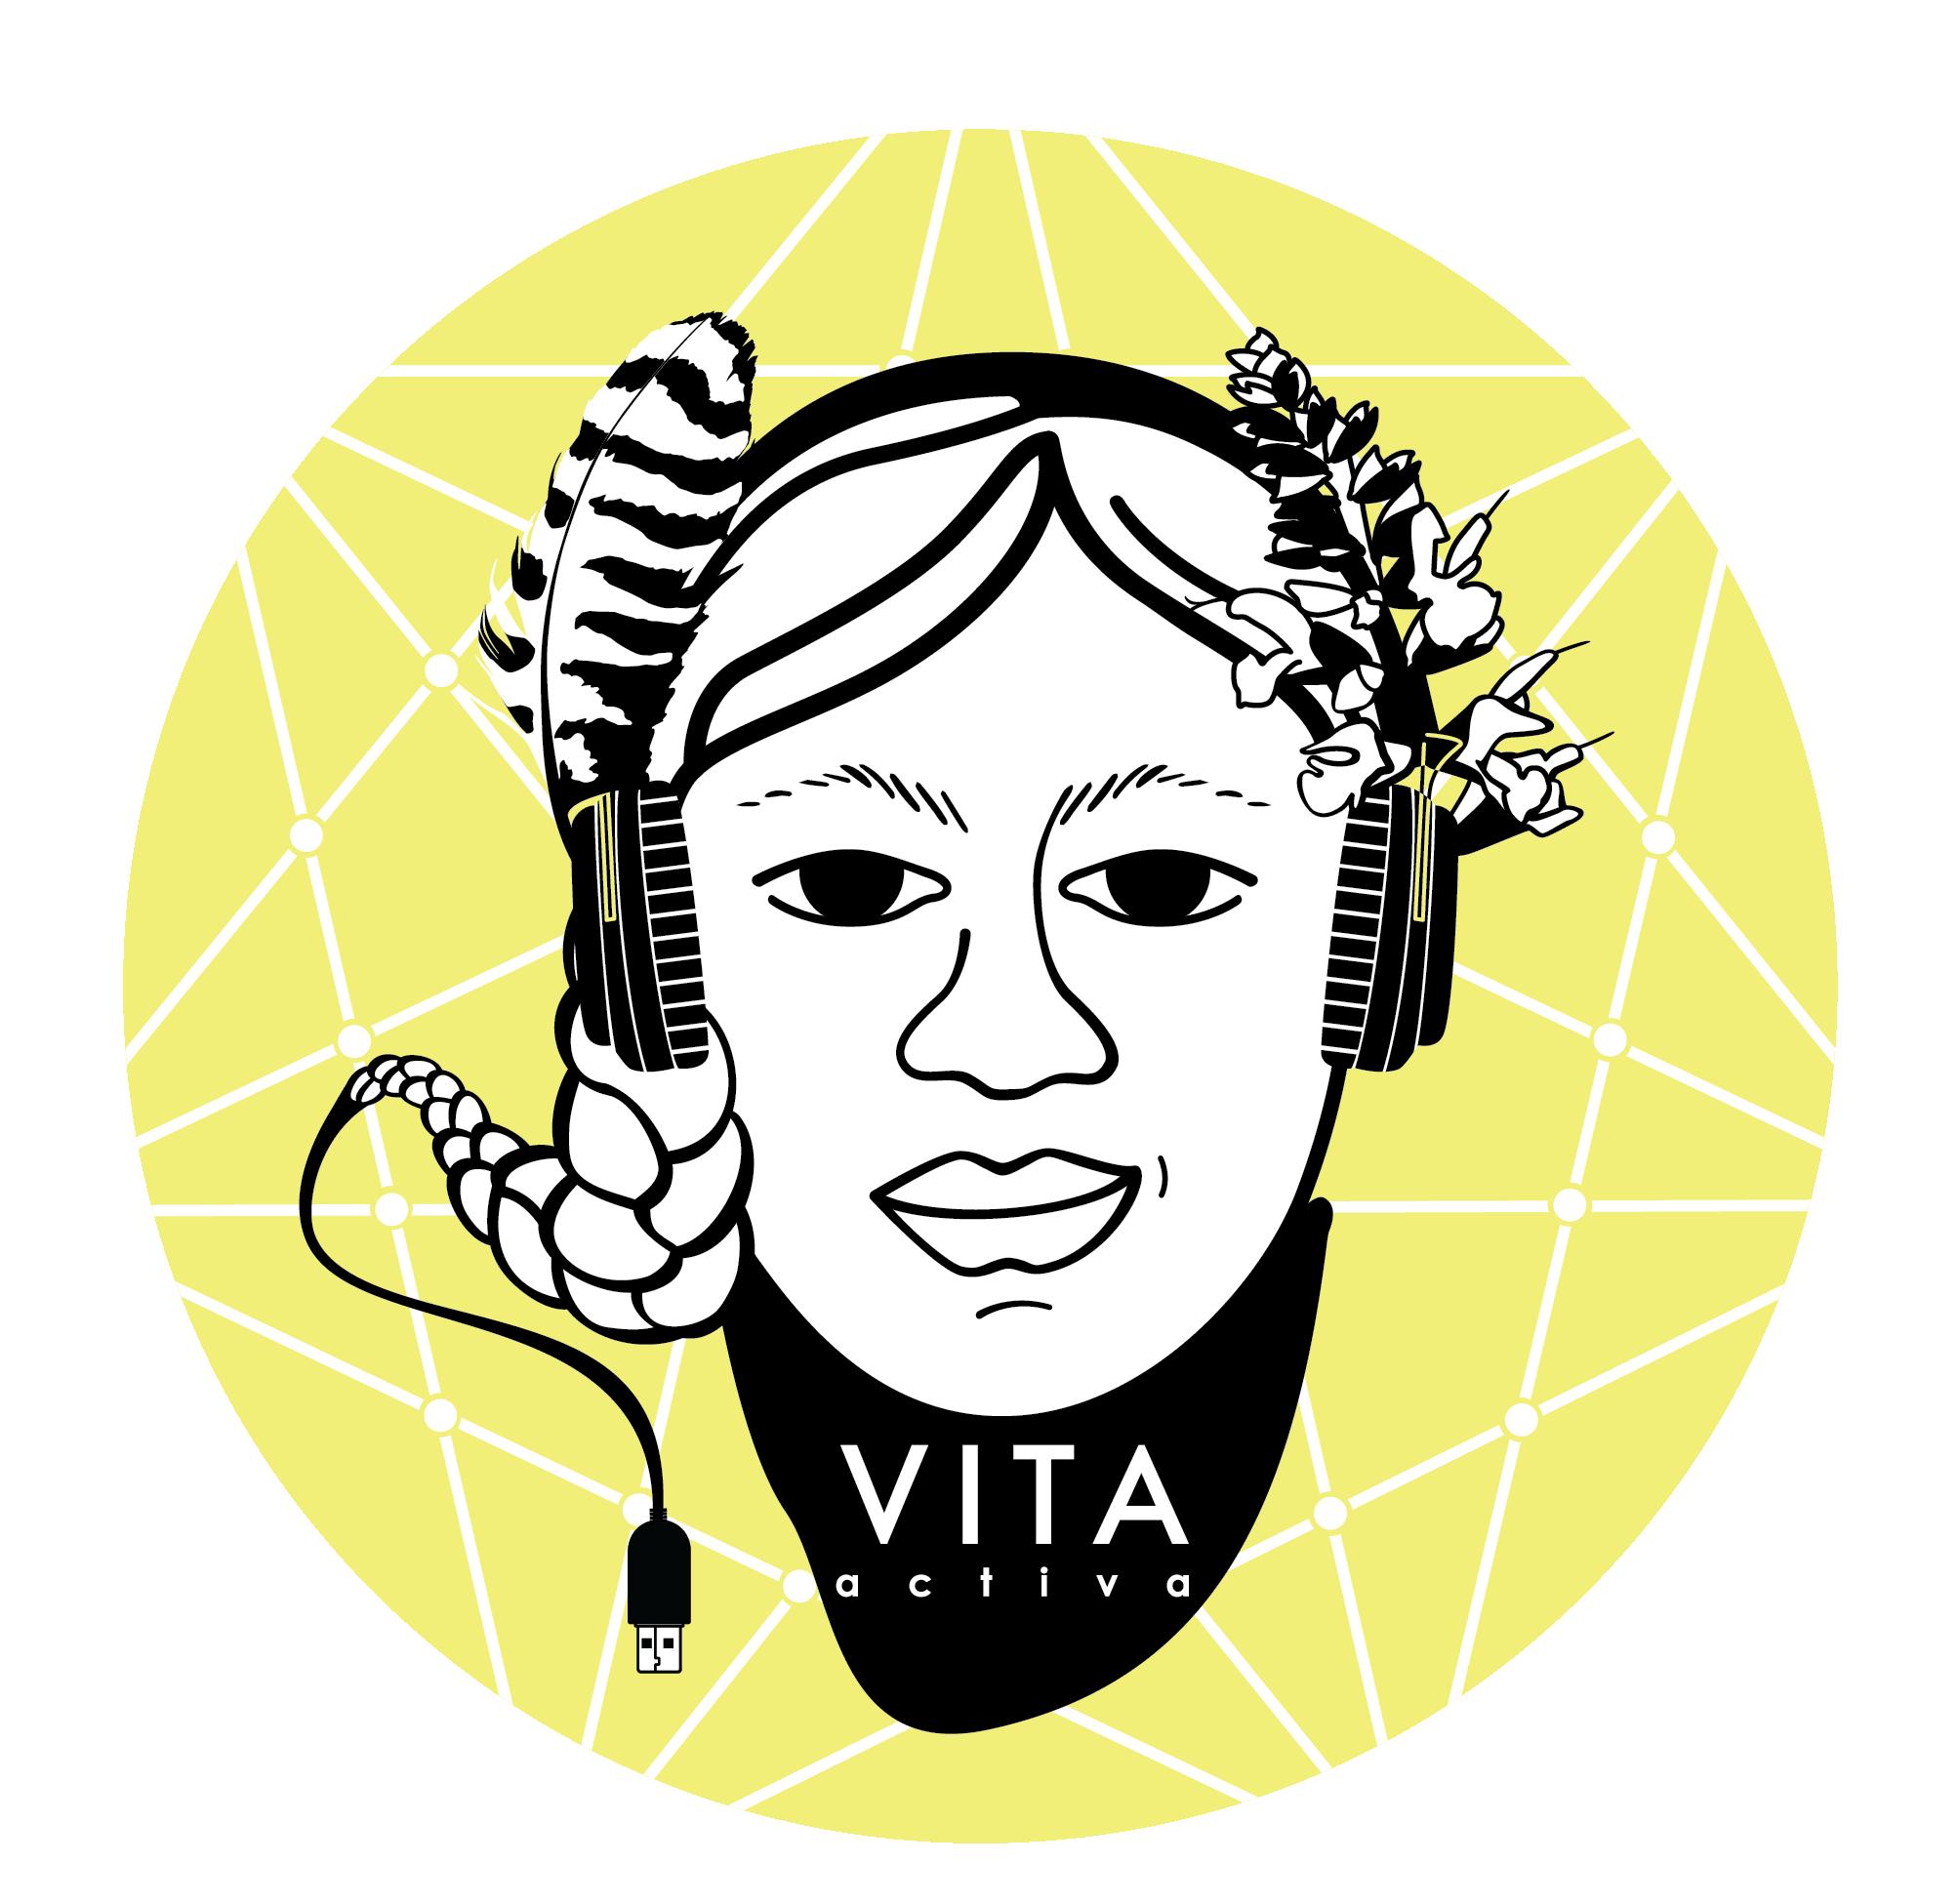 Vita-Activa.org